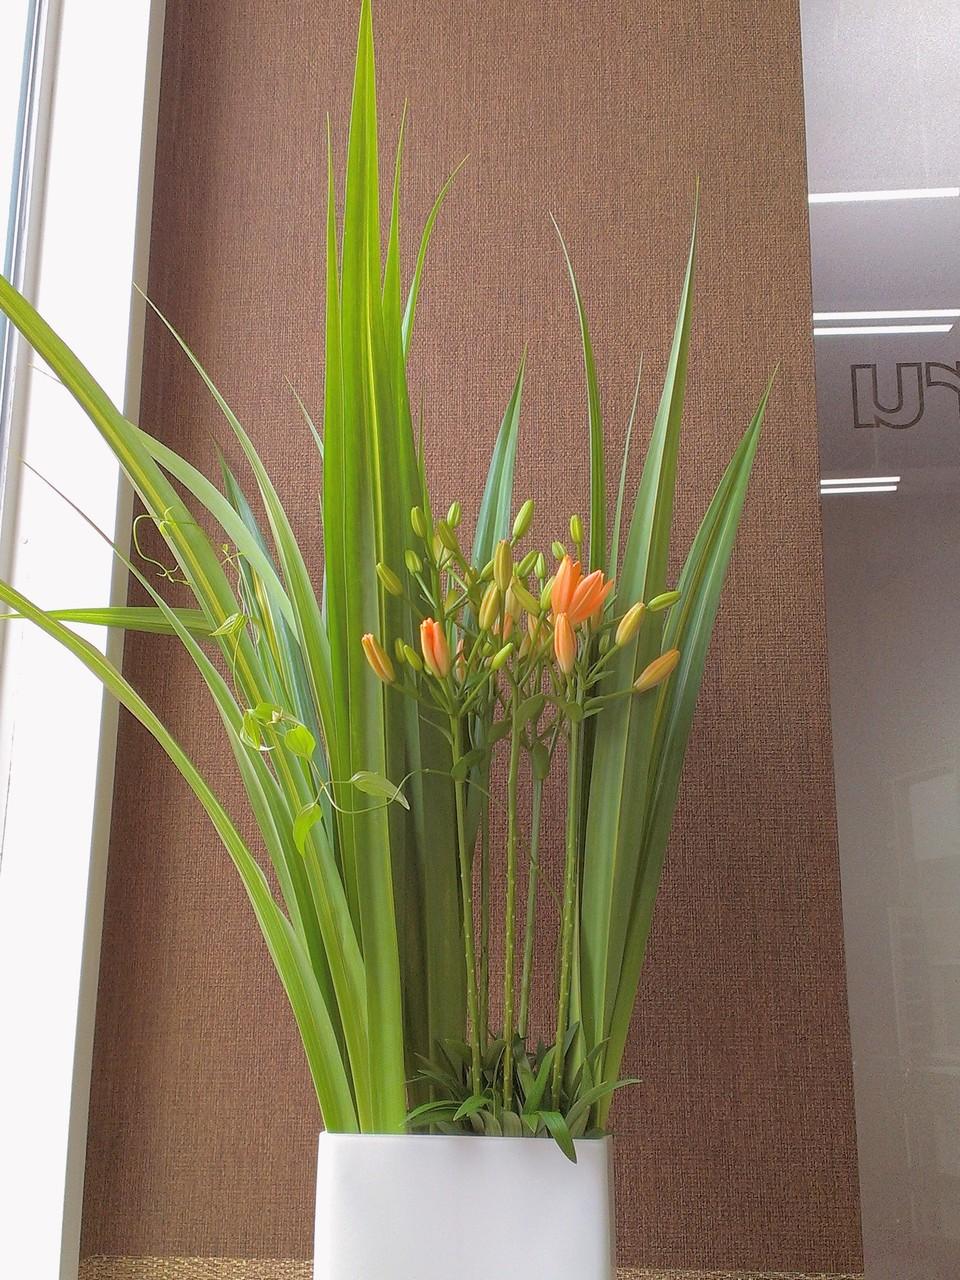 2014.07.30 スカシユリ、サザンクロス、利休草 ・沢山の蕾を携えオレンジ色のお花が咲き始めたスカシユリと、真っ直ぐに筋の通った葉のサザンクロス、蔓を伸ばし自由奔放に上へ上へと延びる利休草。満開のユリが咲き誇る週末頃が見頃になると思います。花言葉:スカシユリ【注目を浴びる、神秘的な美】、利休草【奥ゆかしさ、清廉、先見の明】